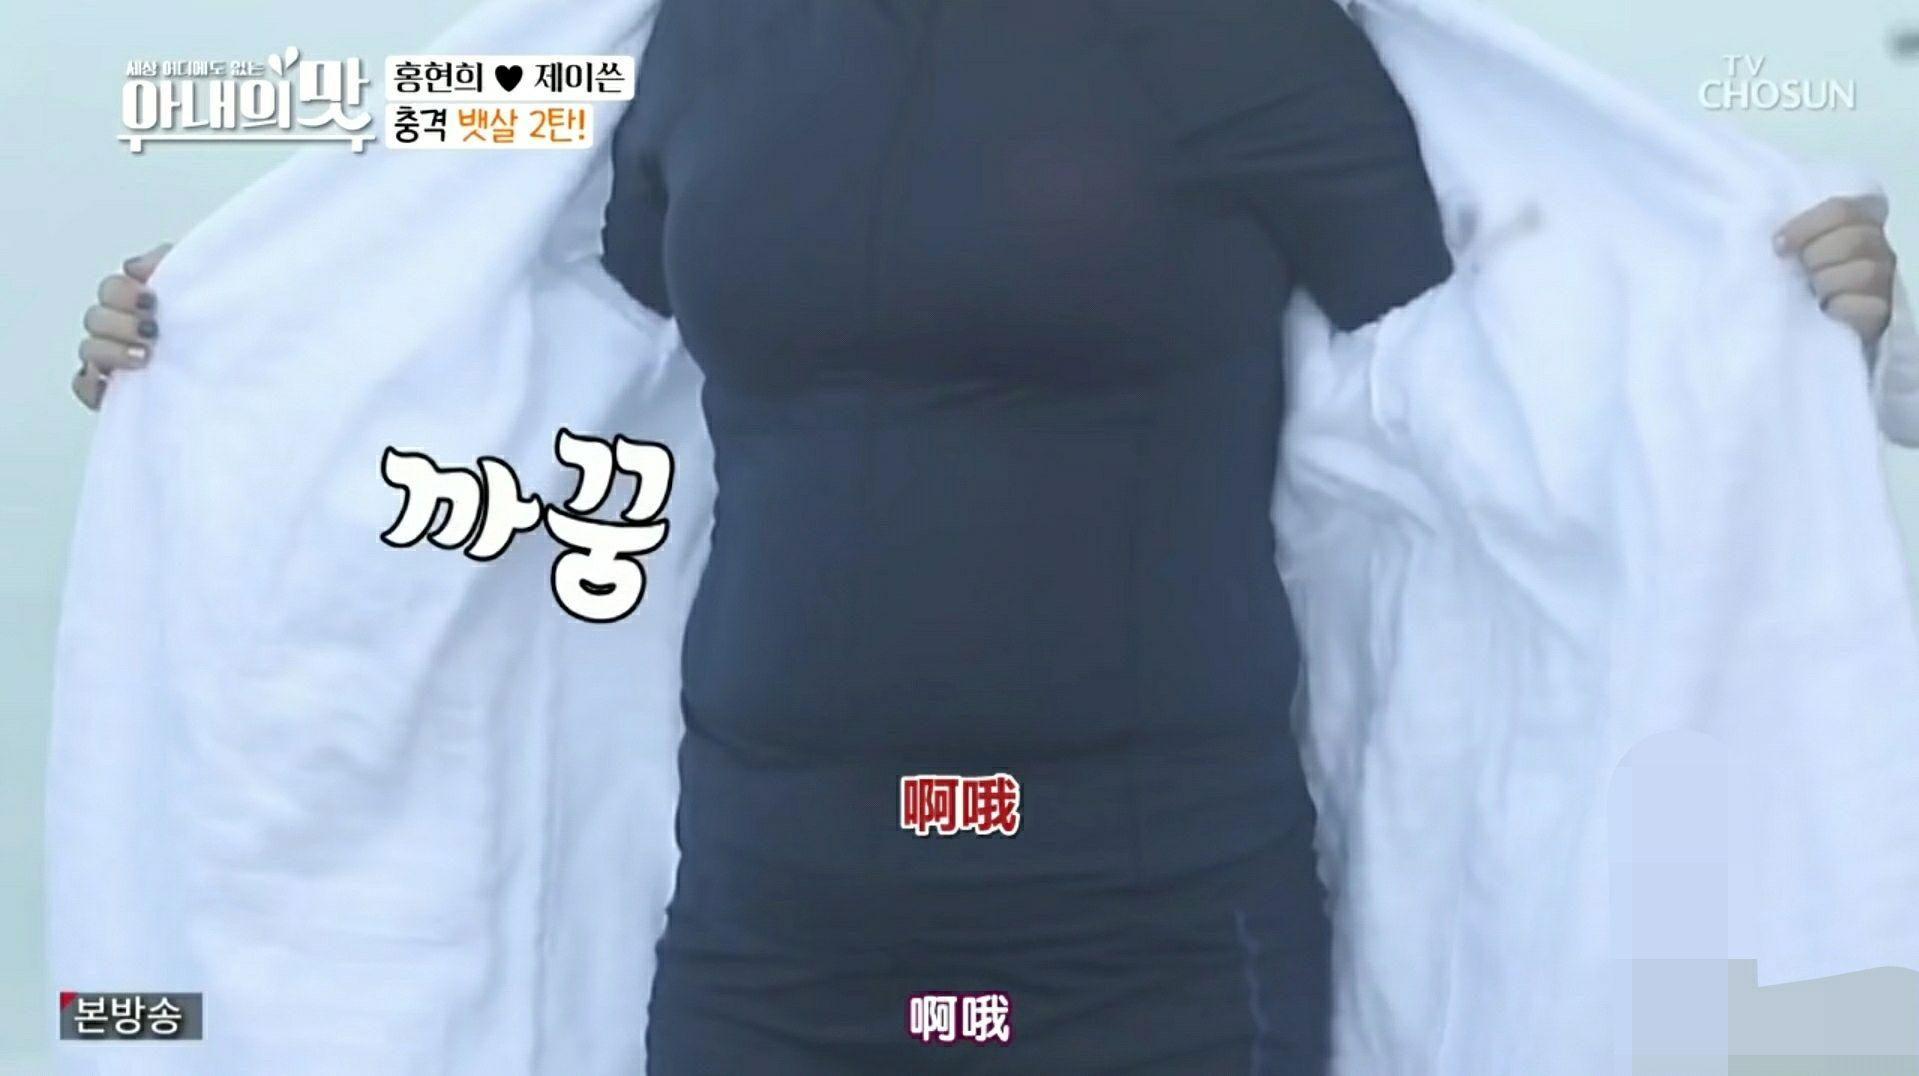 韩国女星素颜穿泳衣,还让公公教游泳,两人关系遭到嘉宾质疑!